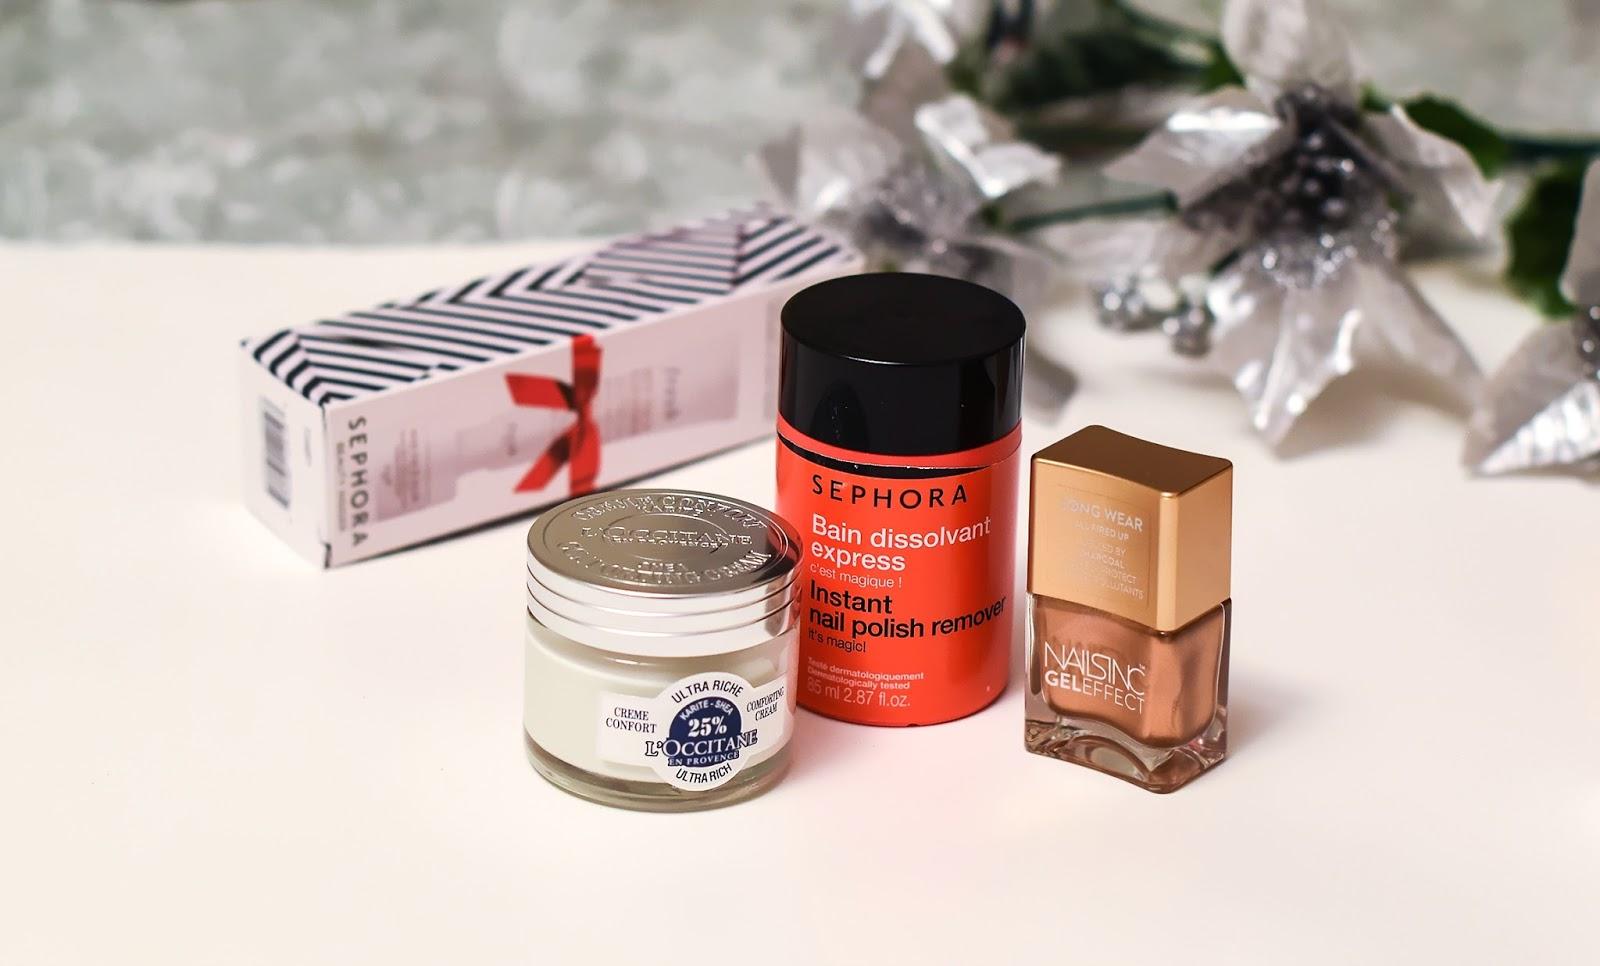 L'occitane Shea Ultra Rich Comforting Cream, Sephora Nail polish remover, Skincare